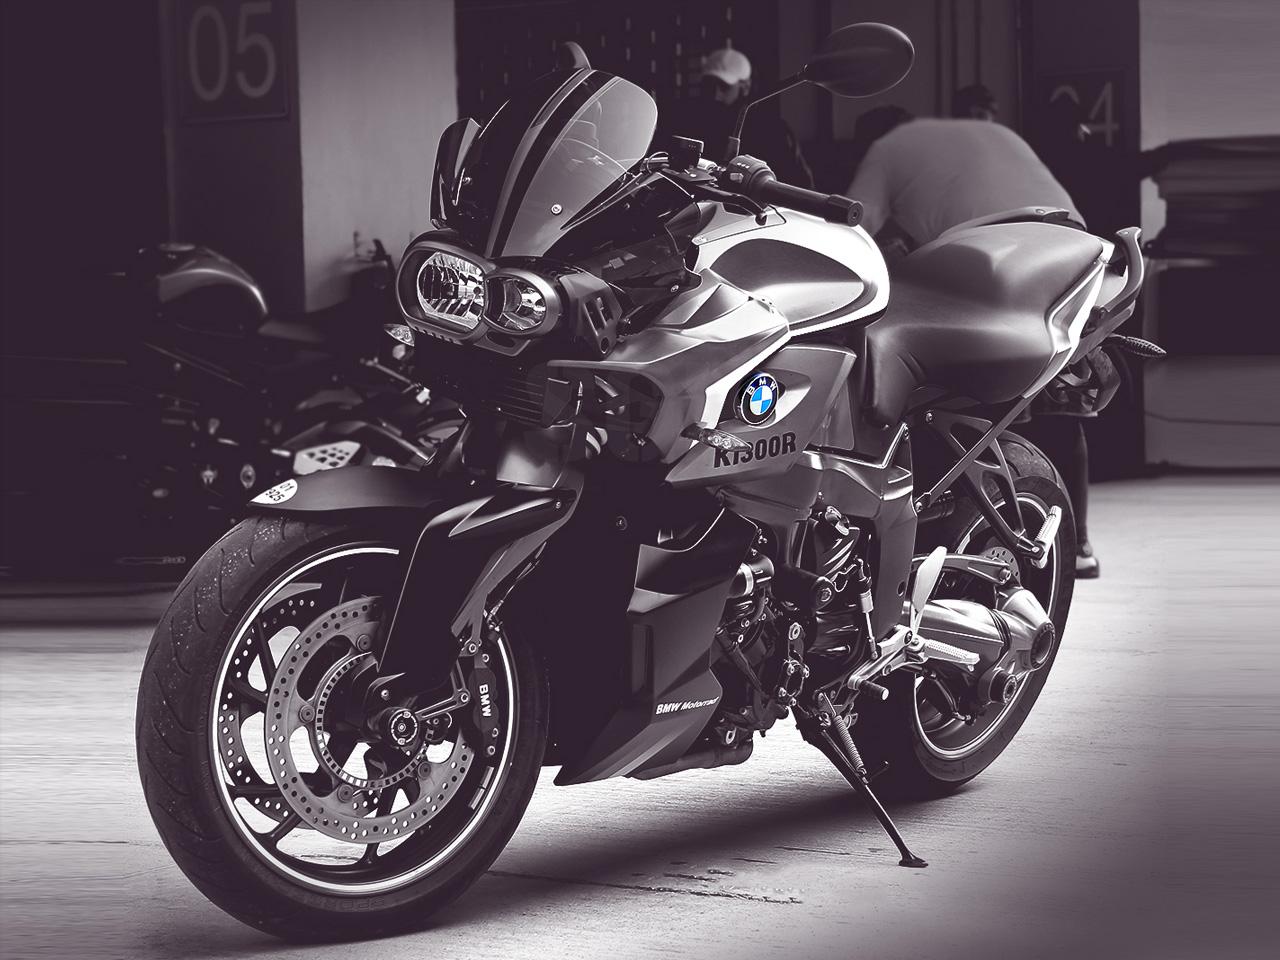 BMW Nine T >> 【宝马BMW K1300R摩托车图片】_摩托车图片库_摩托车之家